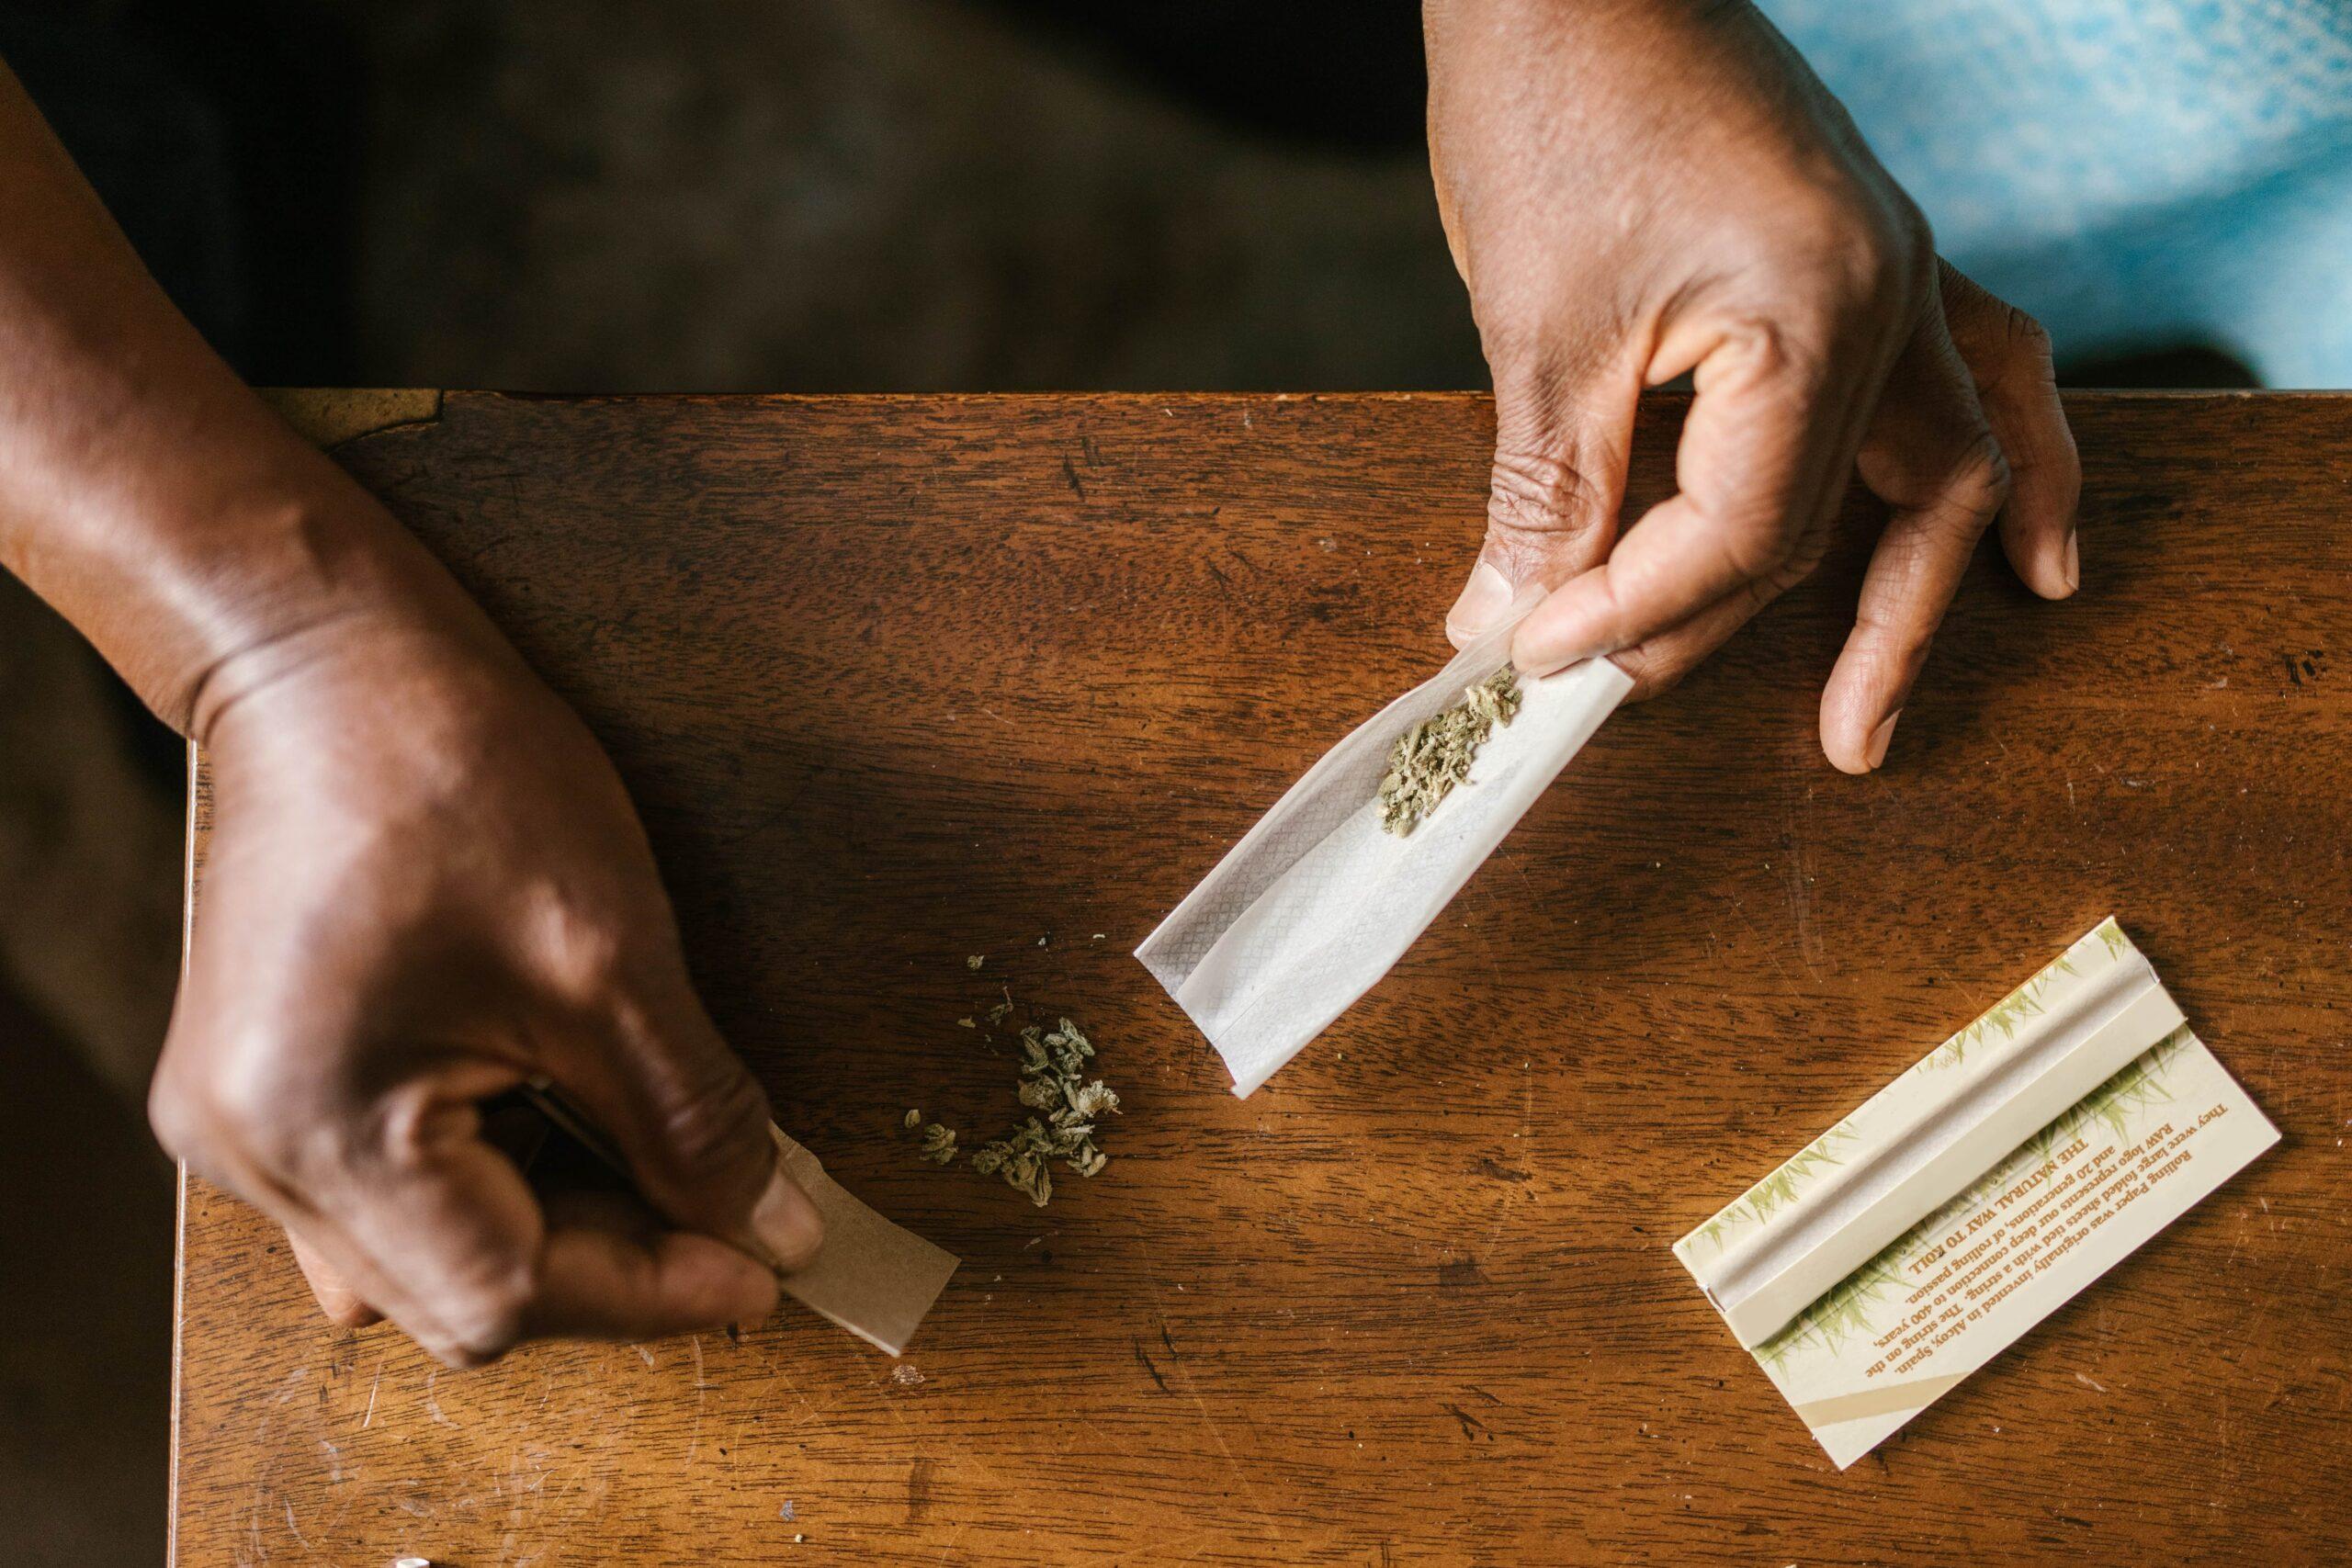 homme roulant joint de cannabis à usage récréatif